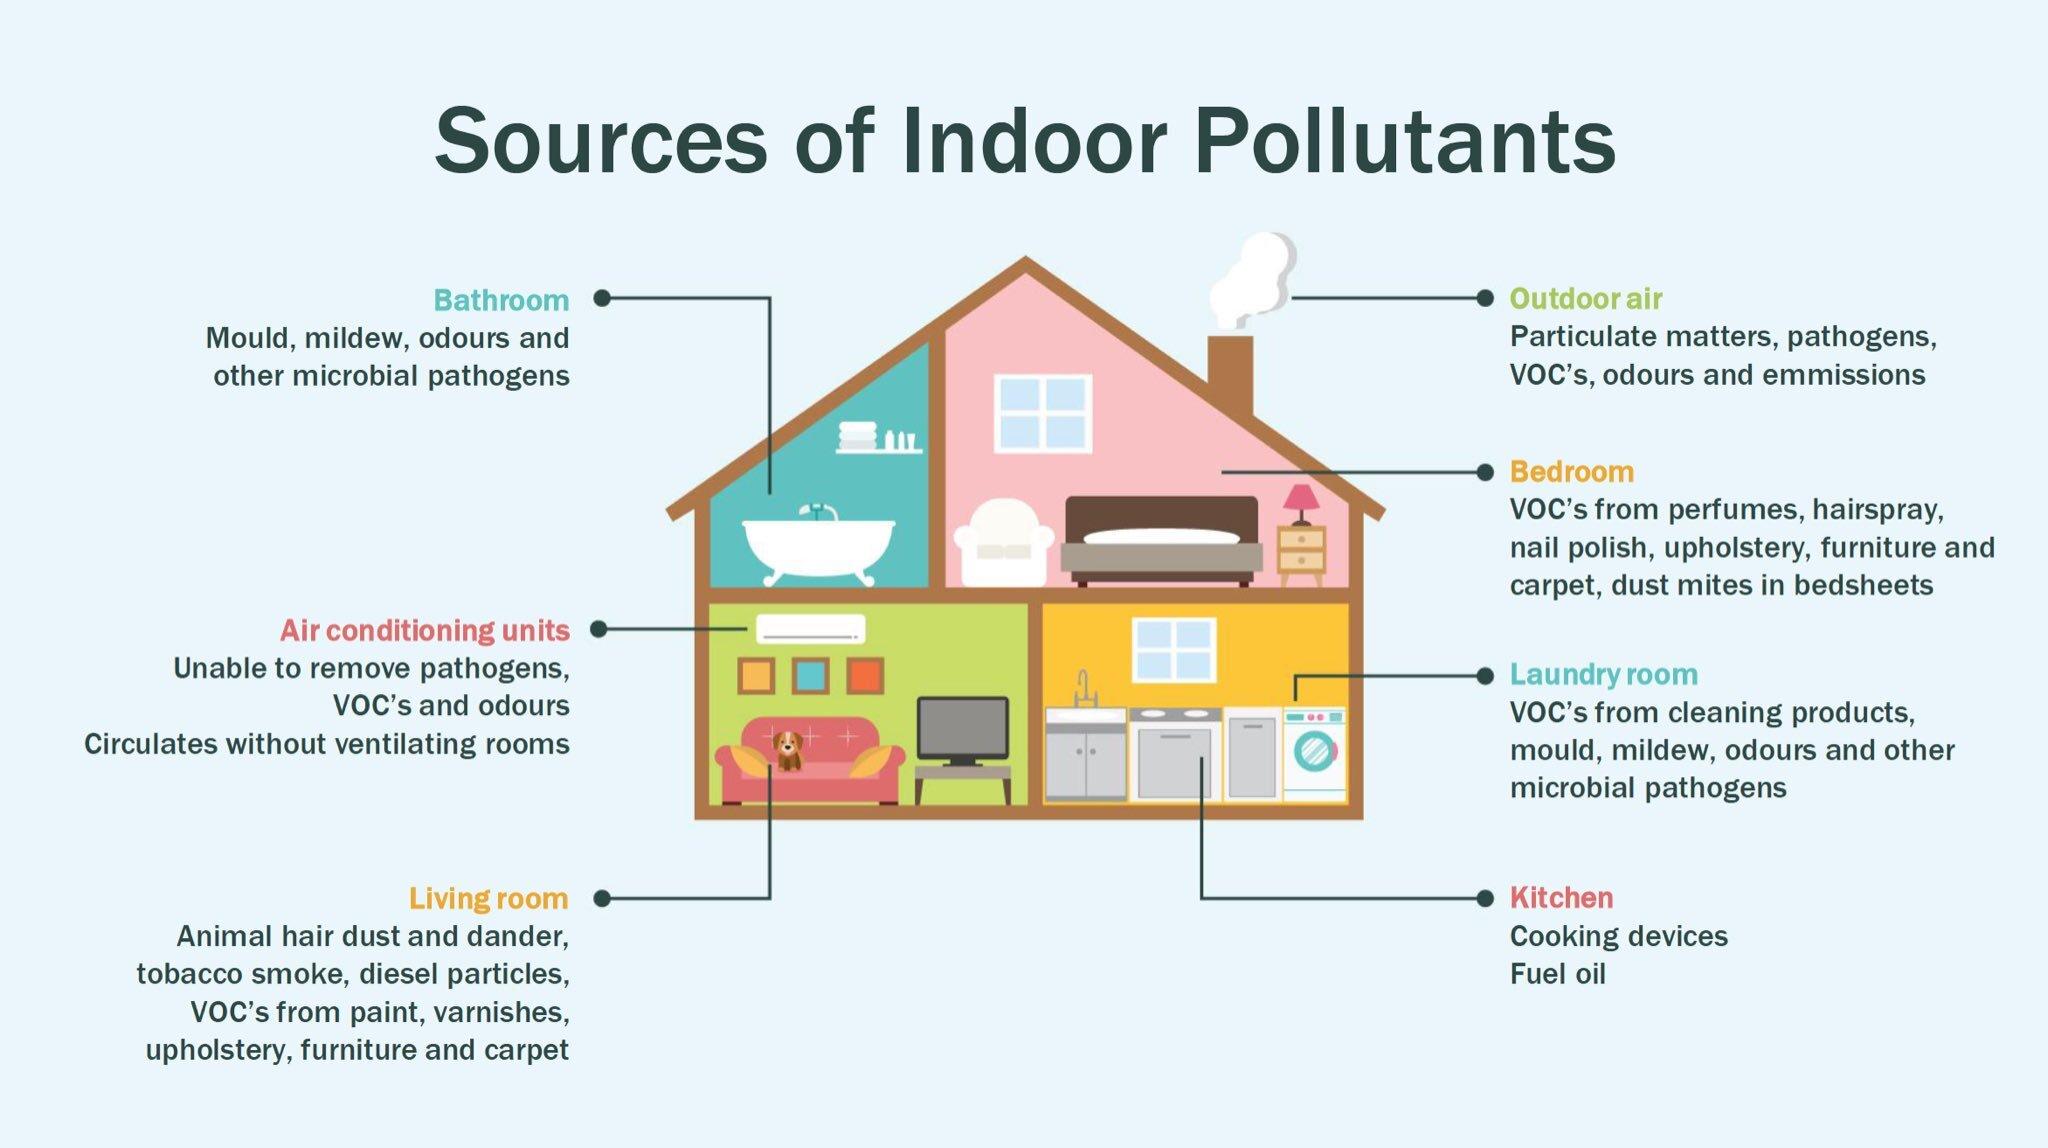 Sources of indoor pollutants